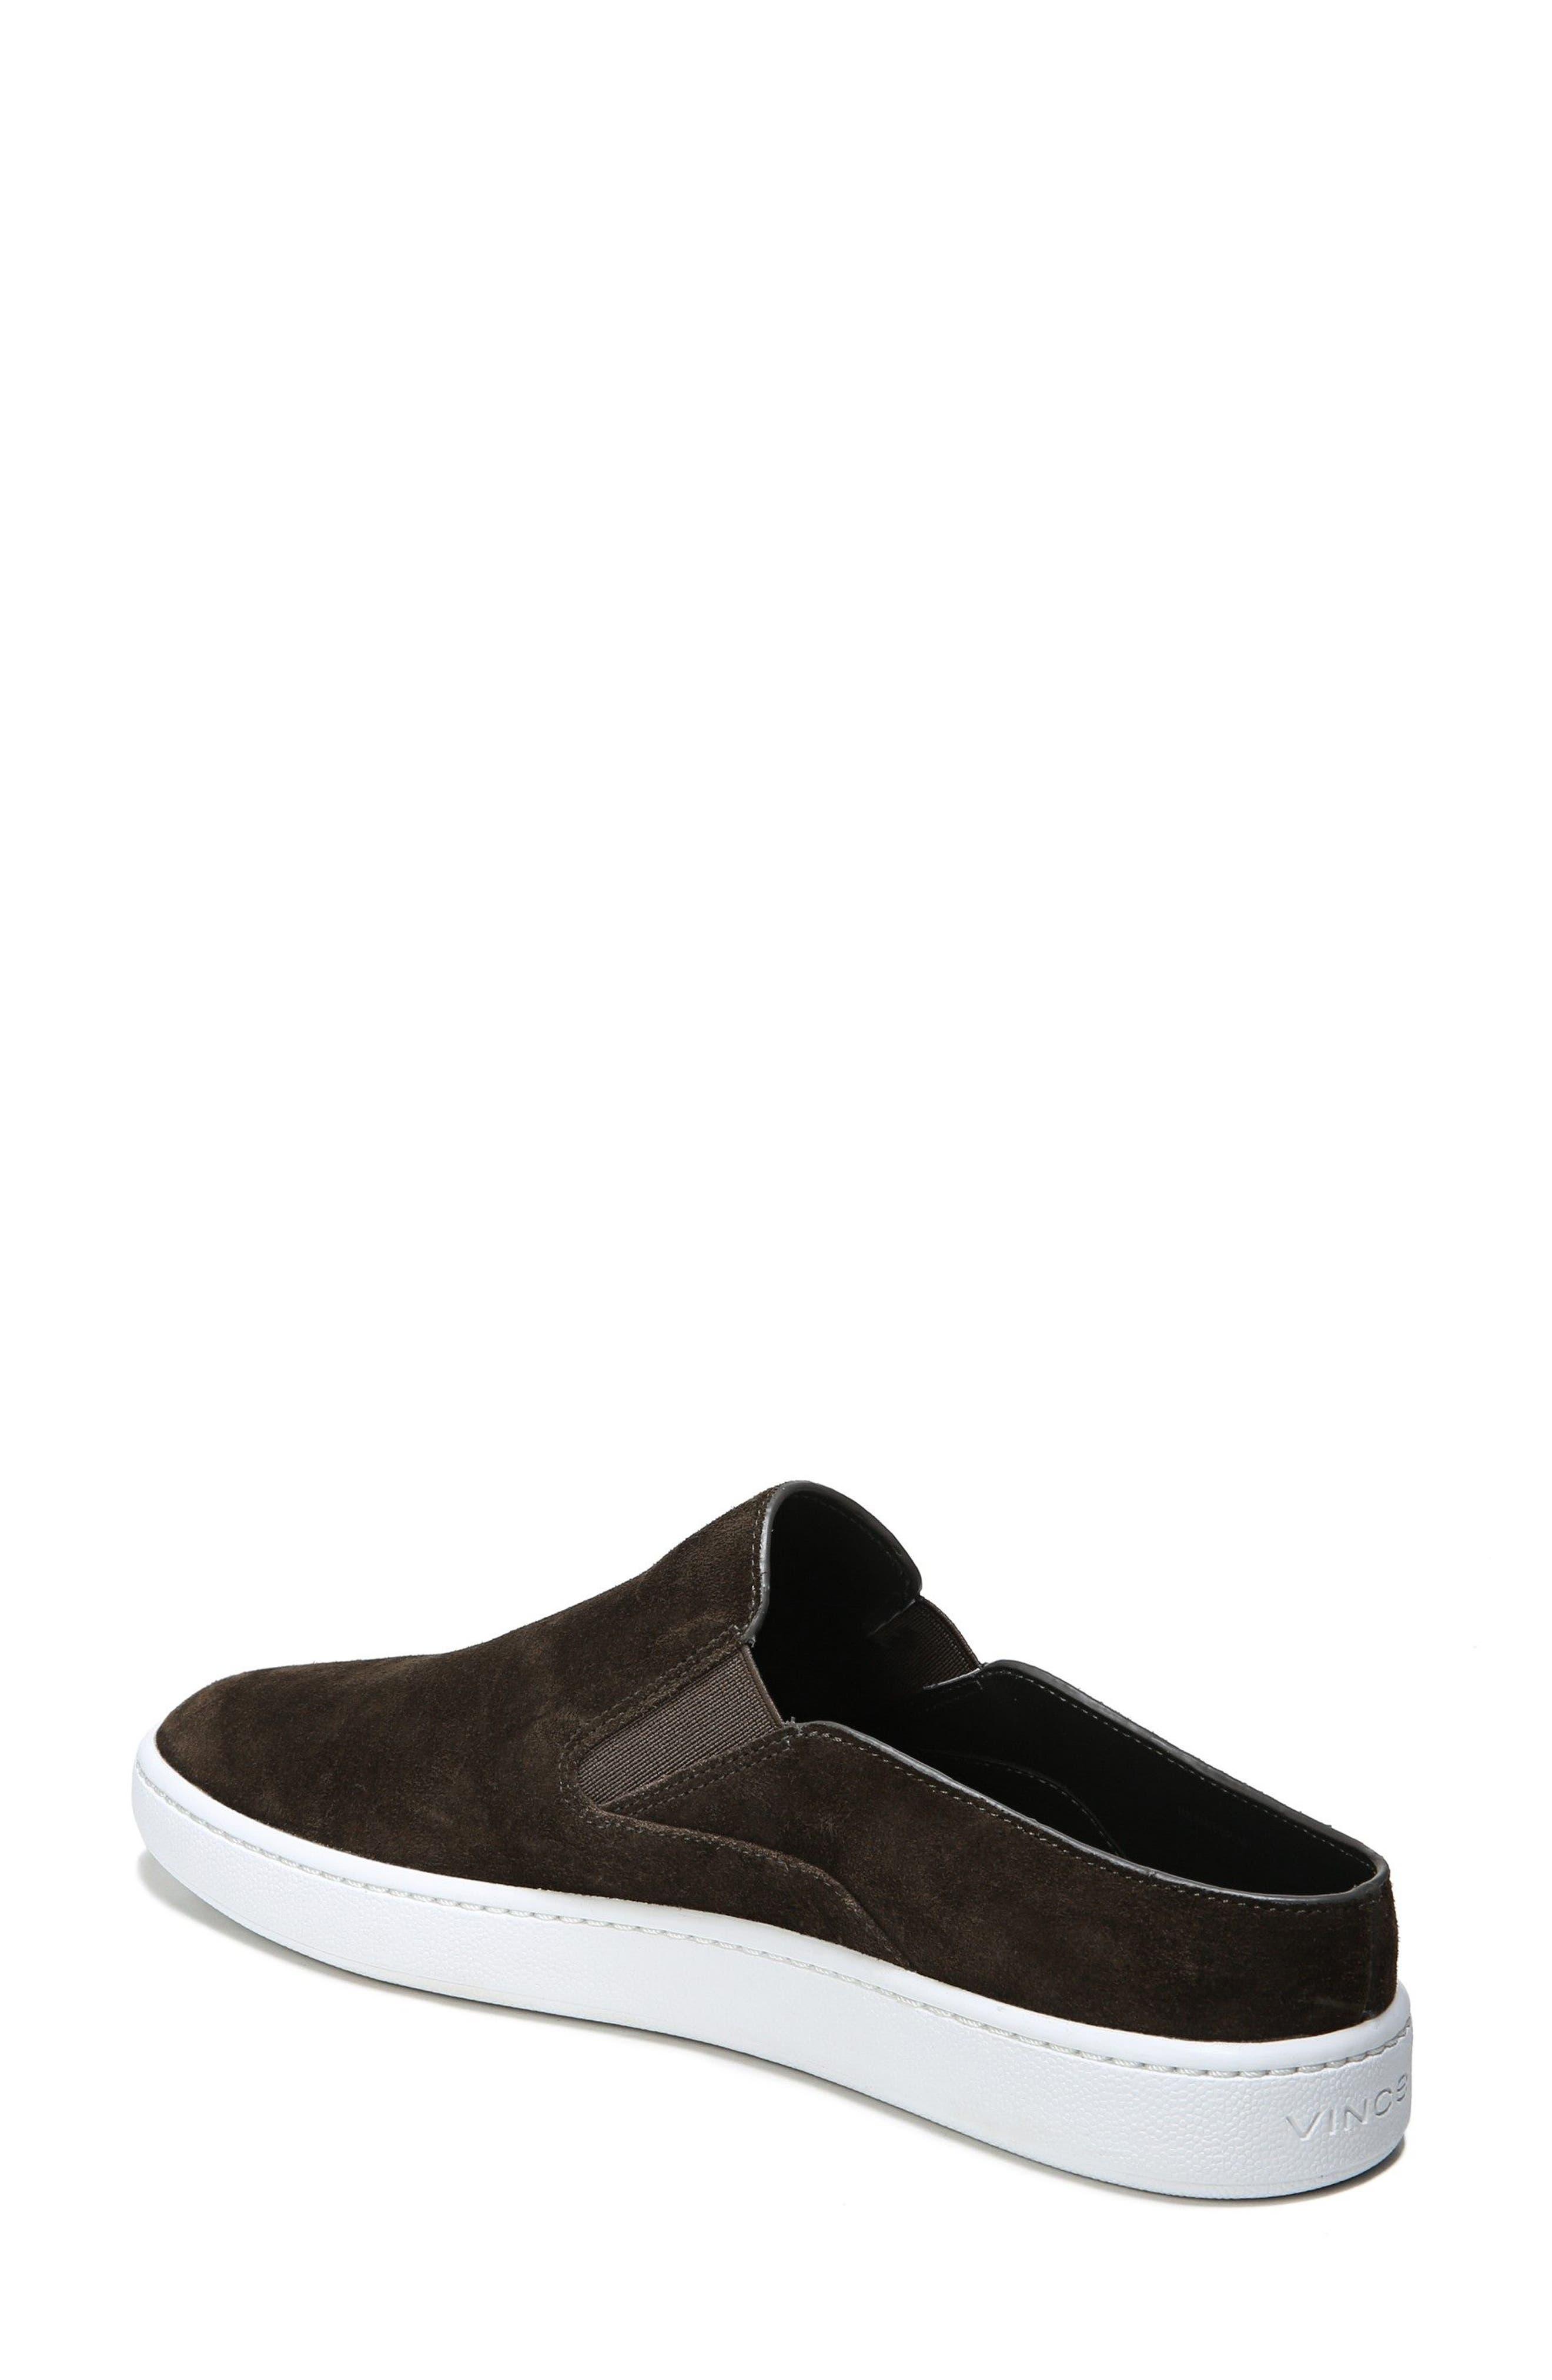 Verrell Slip-On Sneaker,                             Alternate thumbnail 15, color,